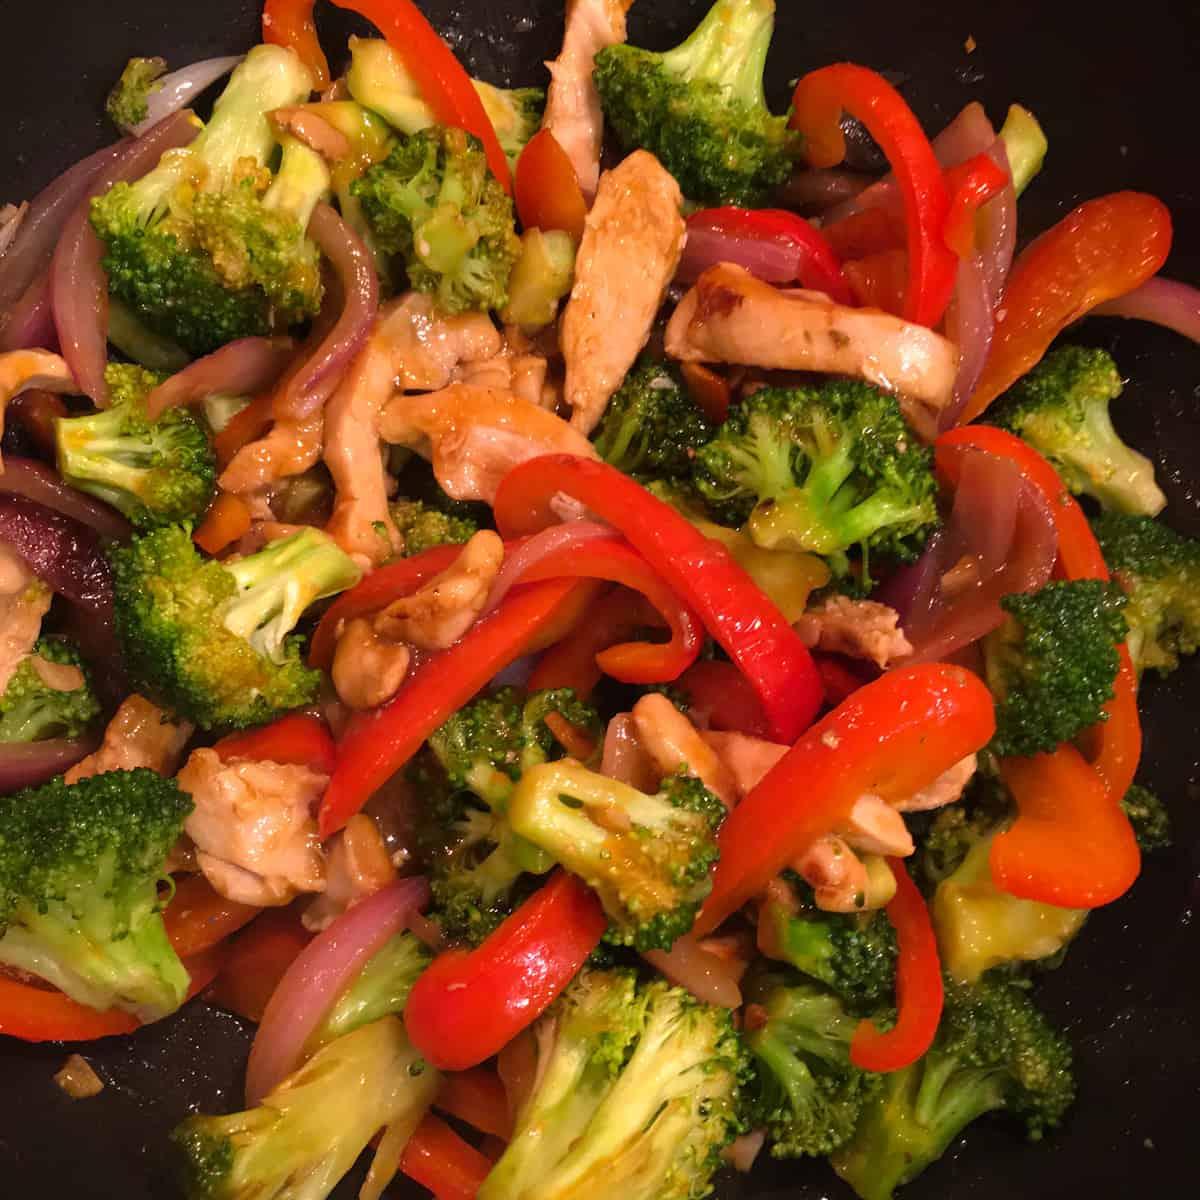 3 ingredient stir fry sauce recipe